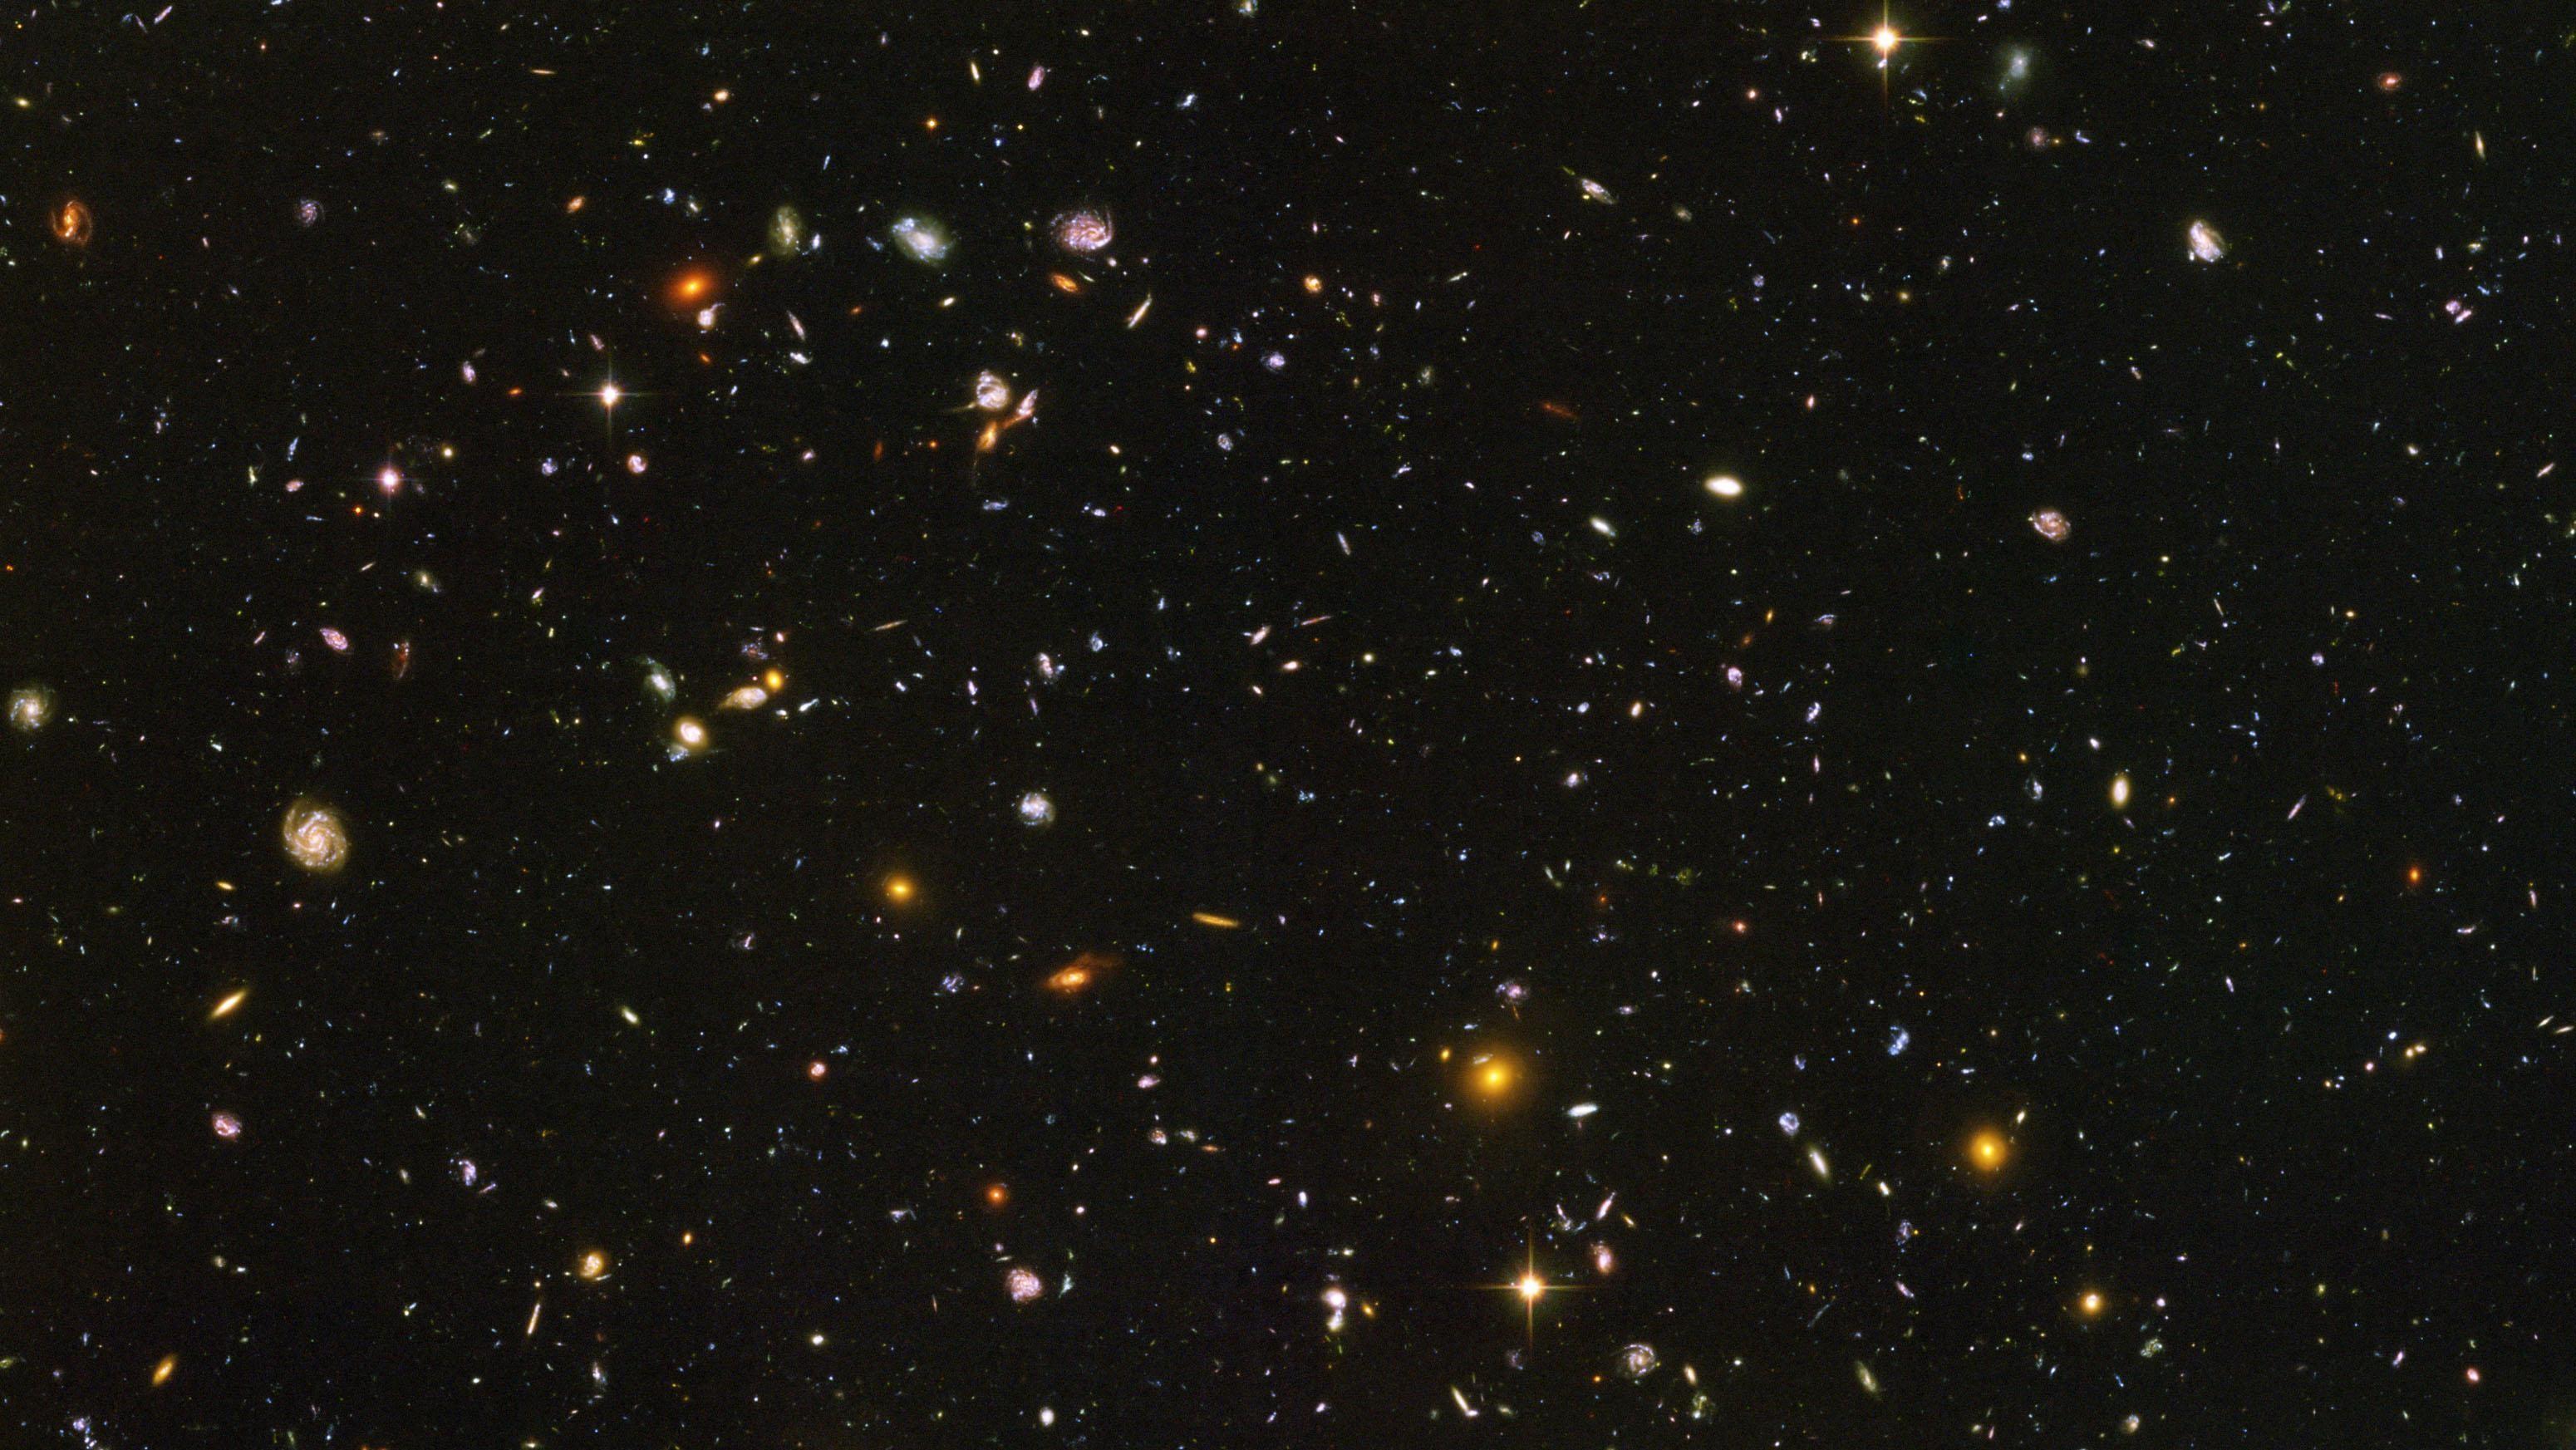 Hubble Ultra Deep Field Hd Backgrounds 18 High   Wallpaperiz.